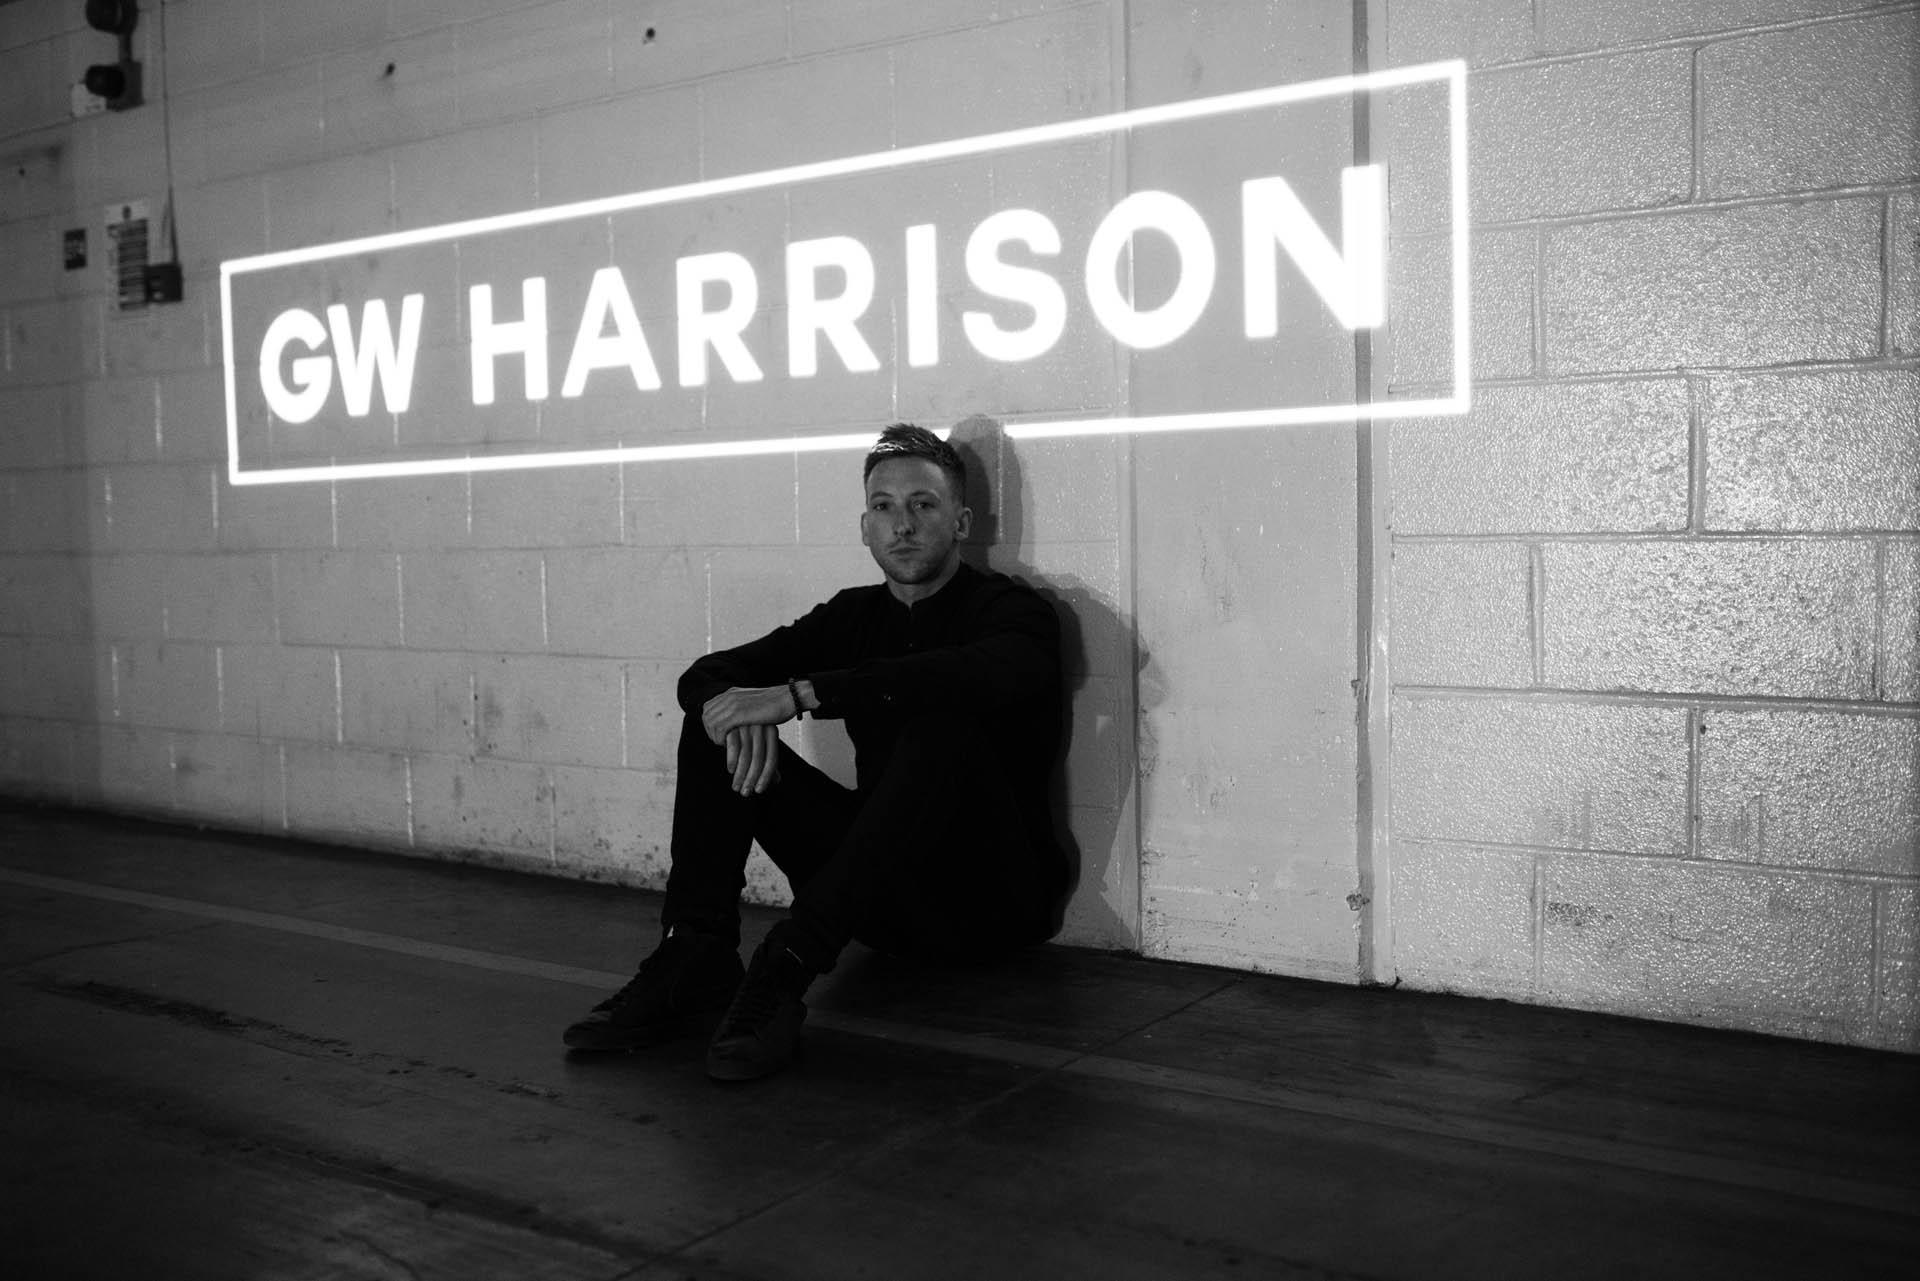 GW Harrison